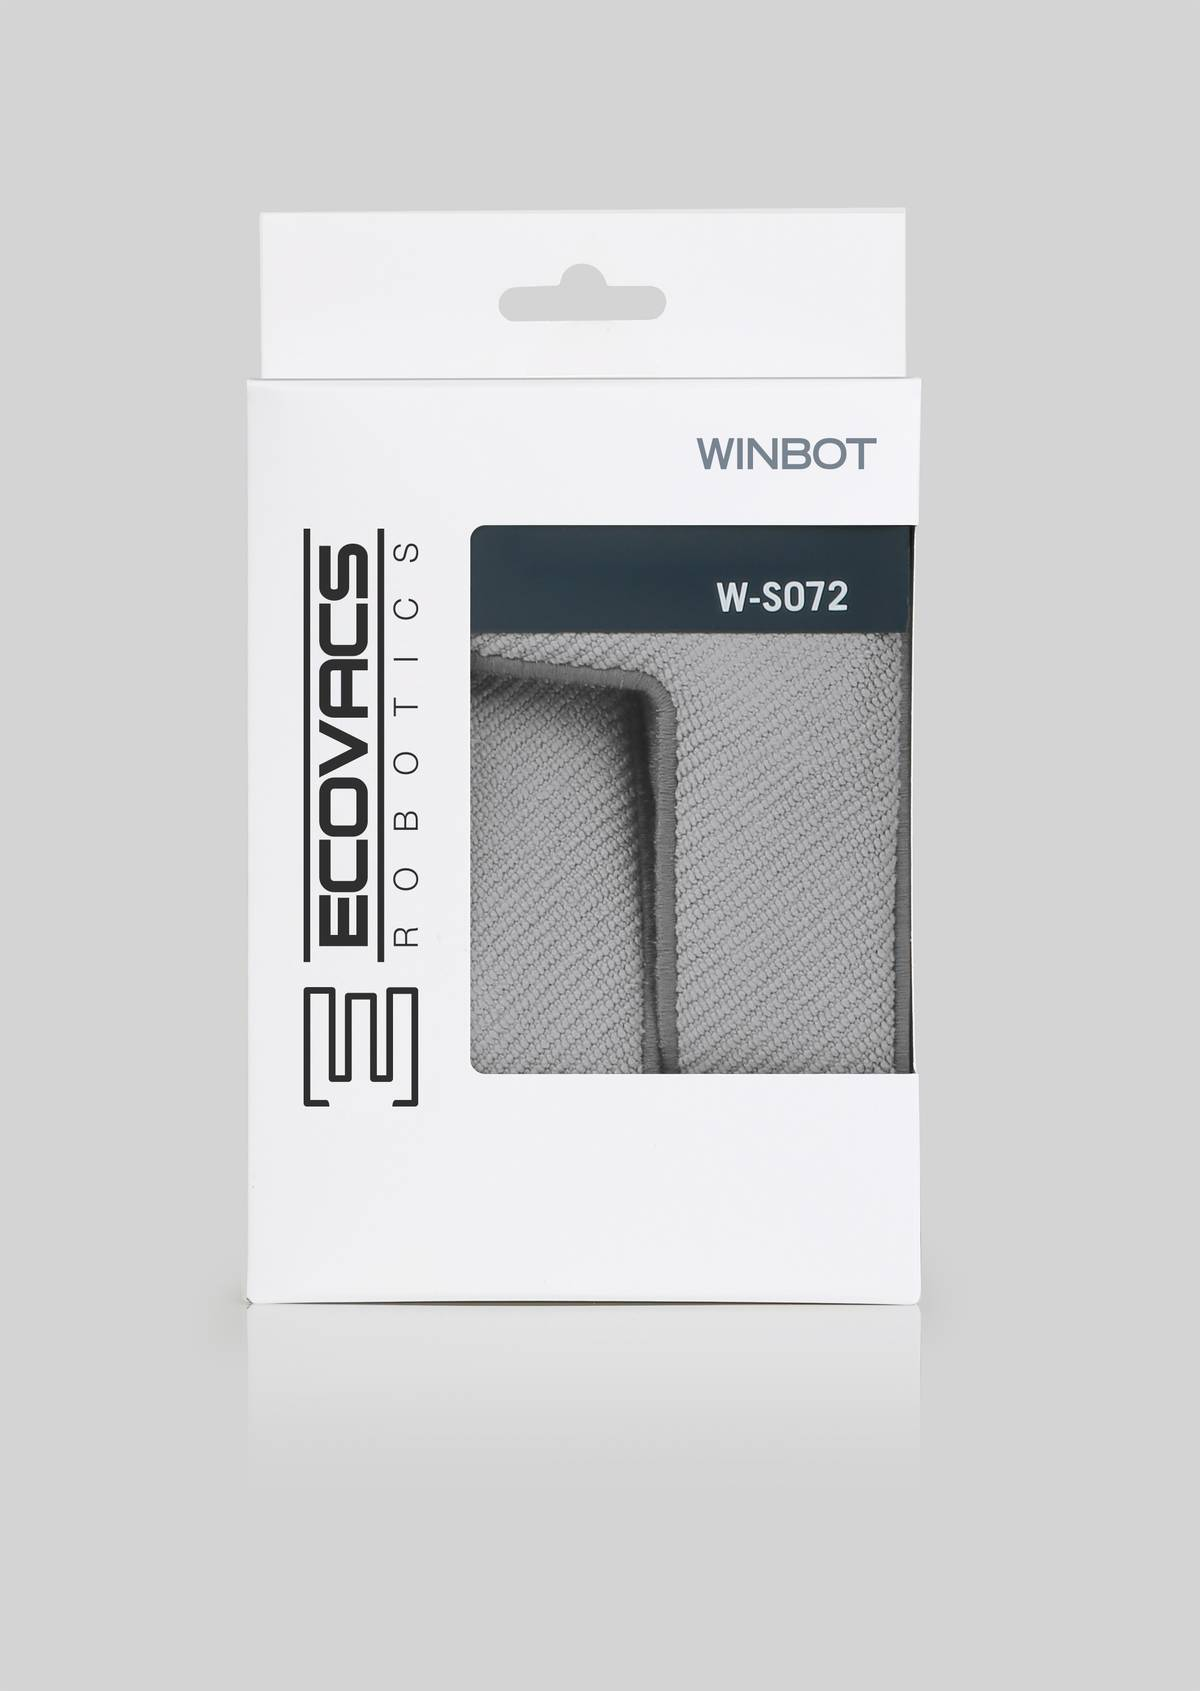 Ecovacs - Serviette de nettoyage pour Winbot 880, x2